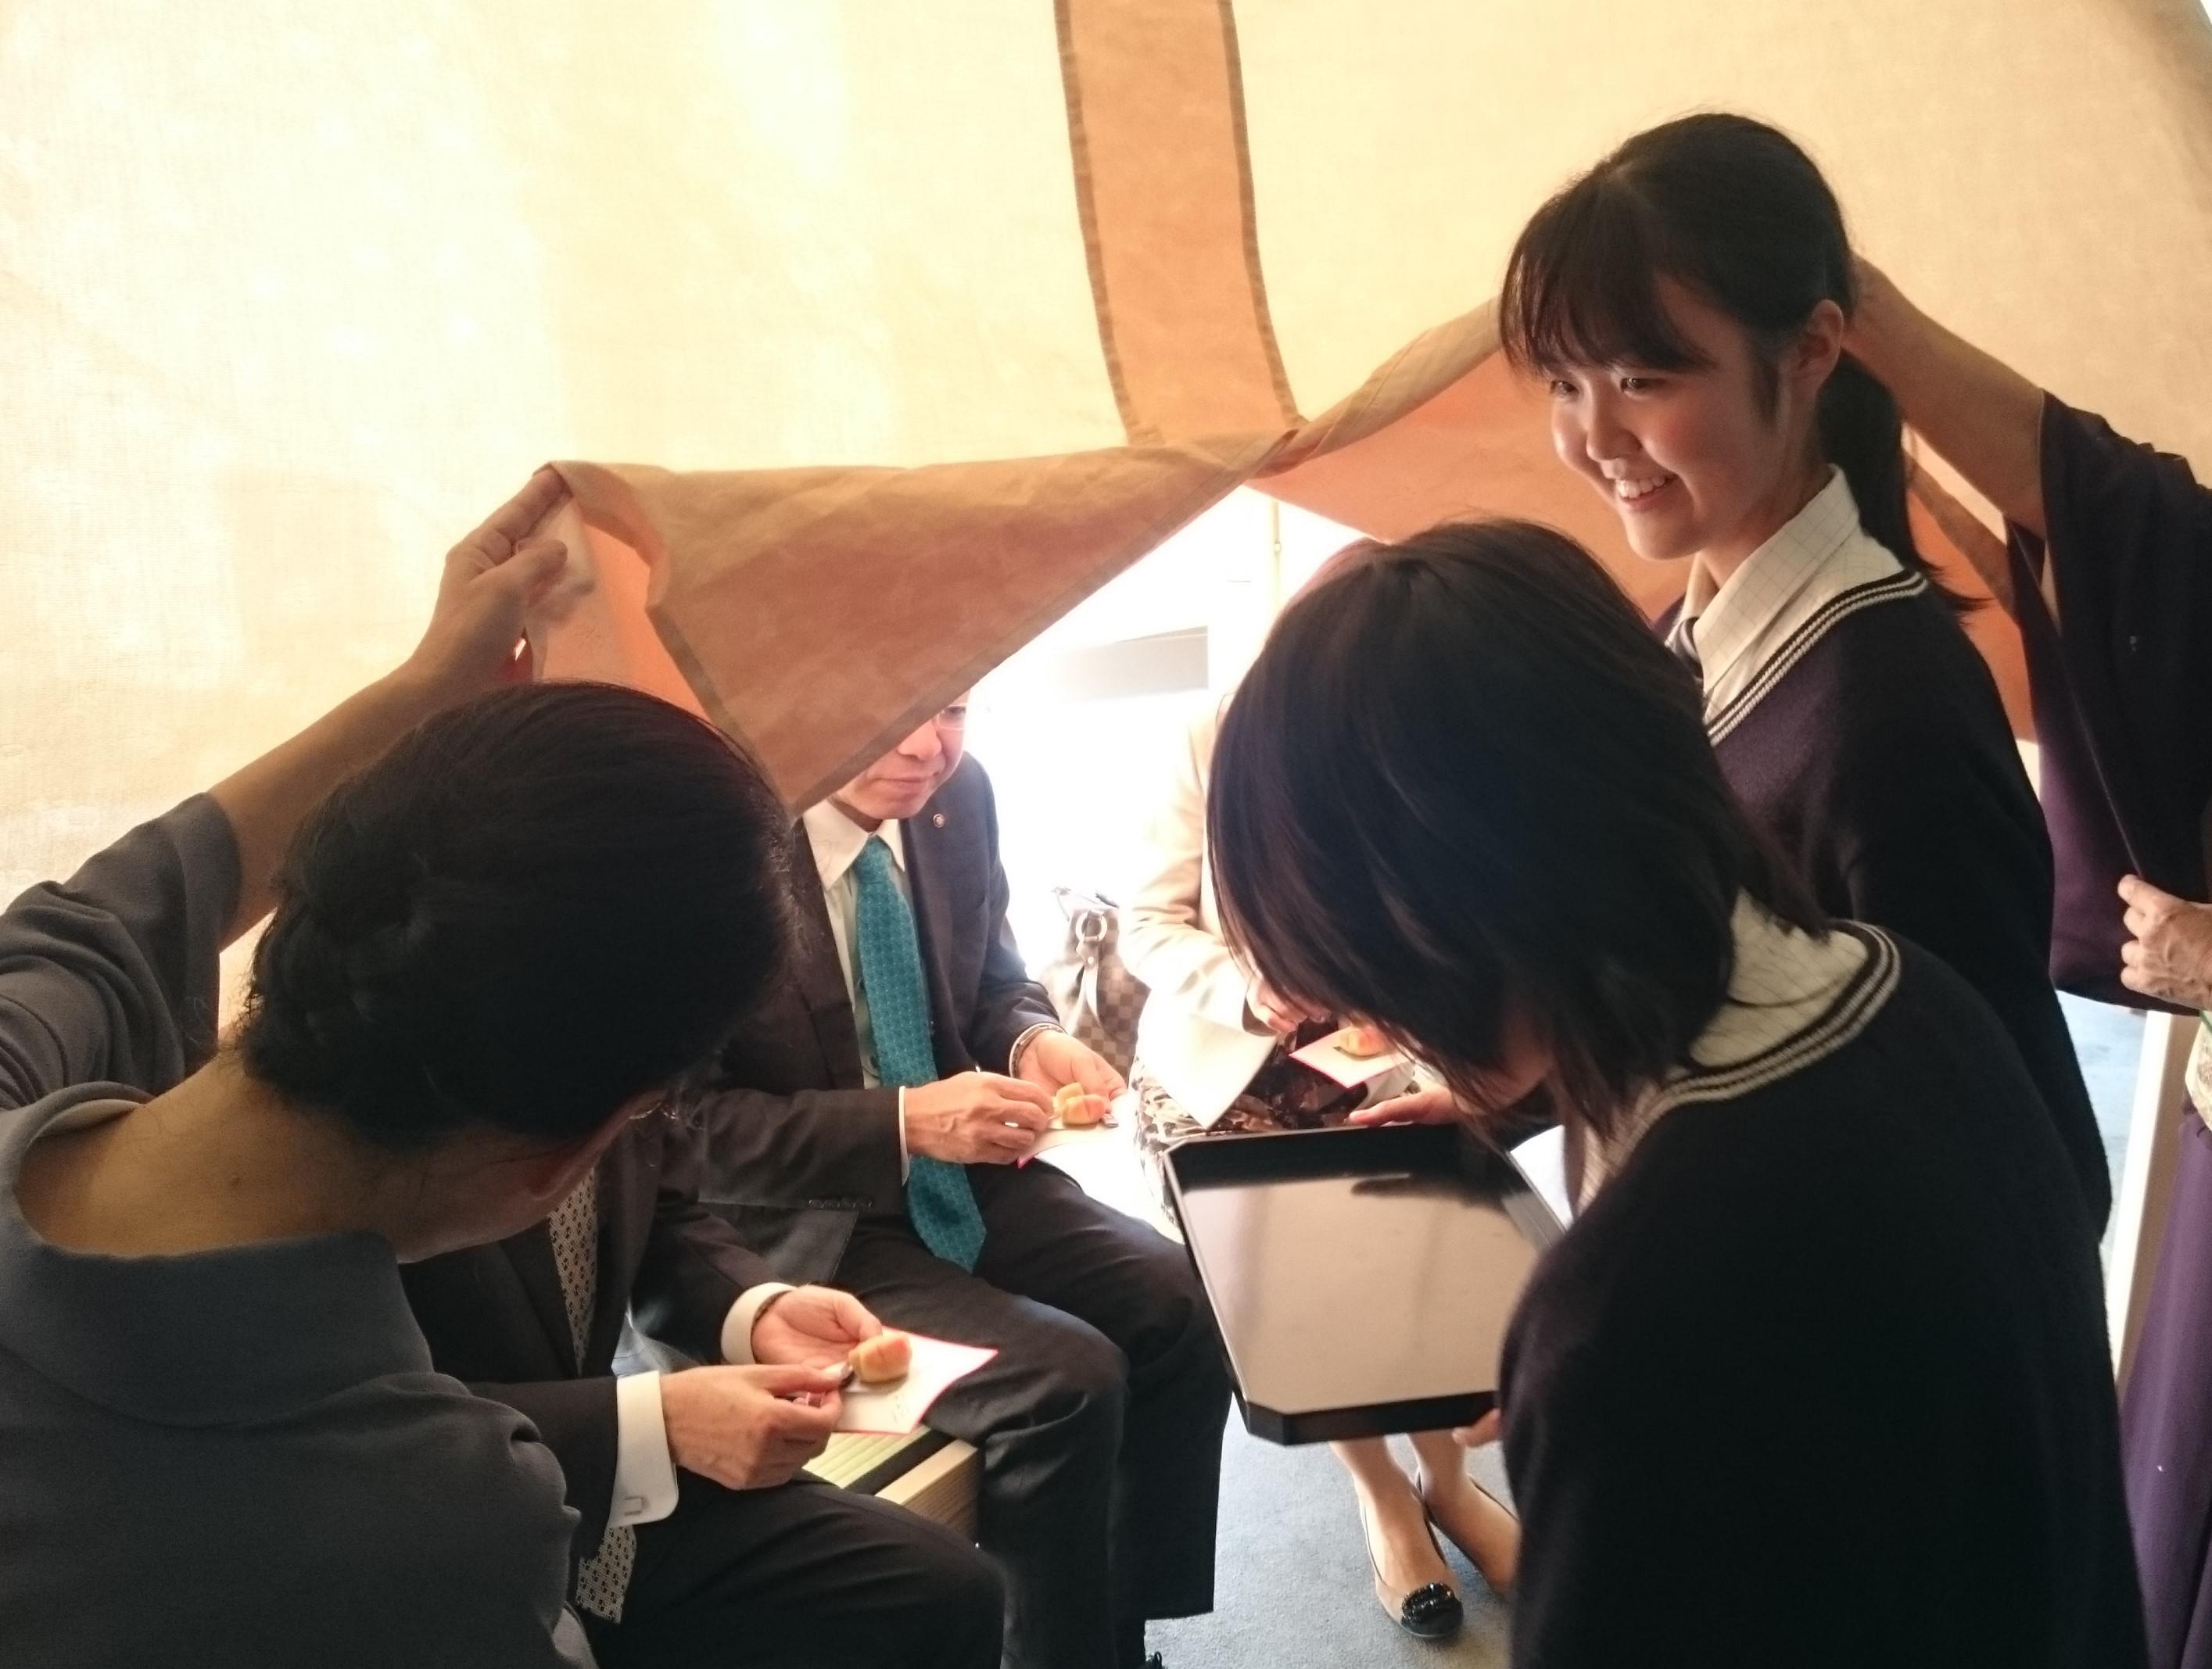 http://www.kyoto-be.ne.jp/nishijyouyou-hs/mt/club/images/DSC_1017.JPG